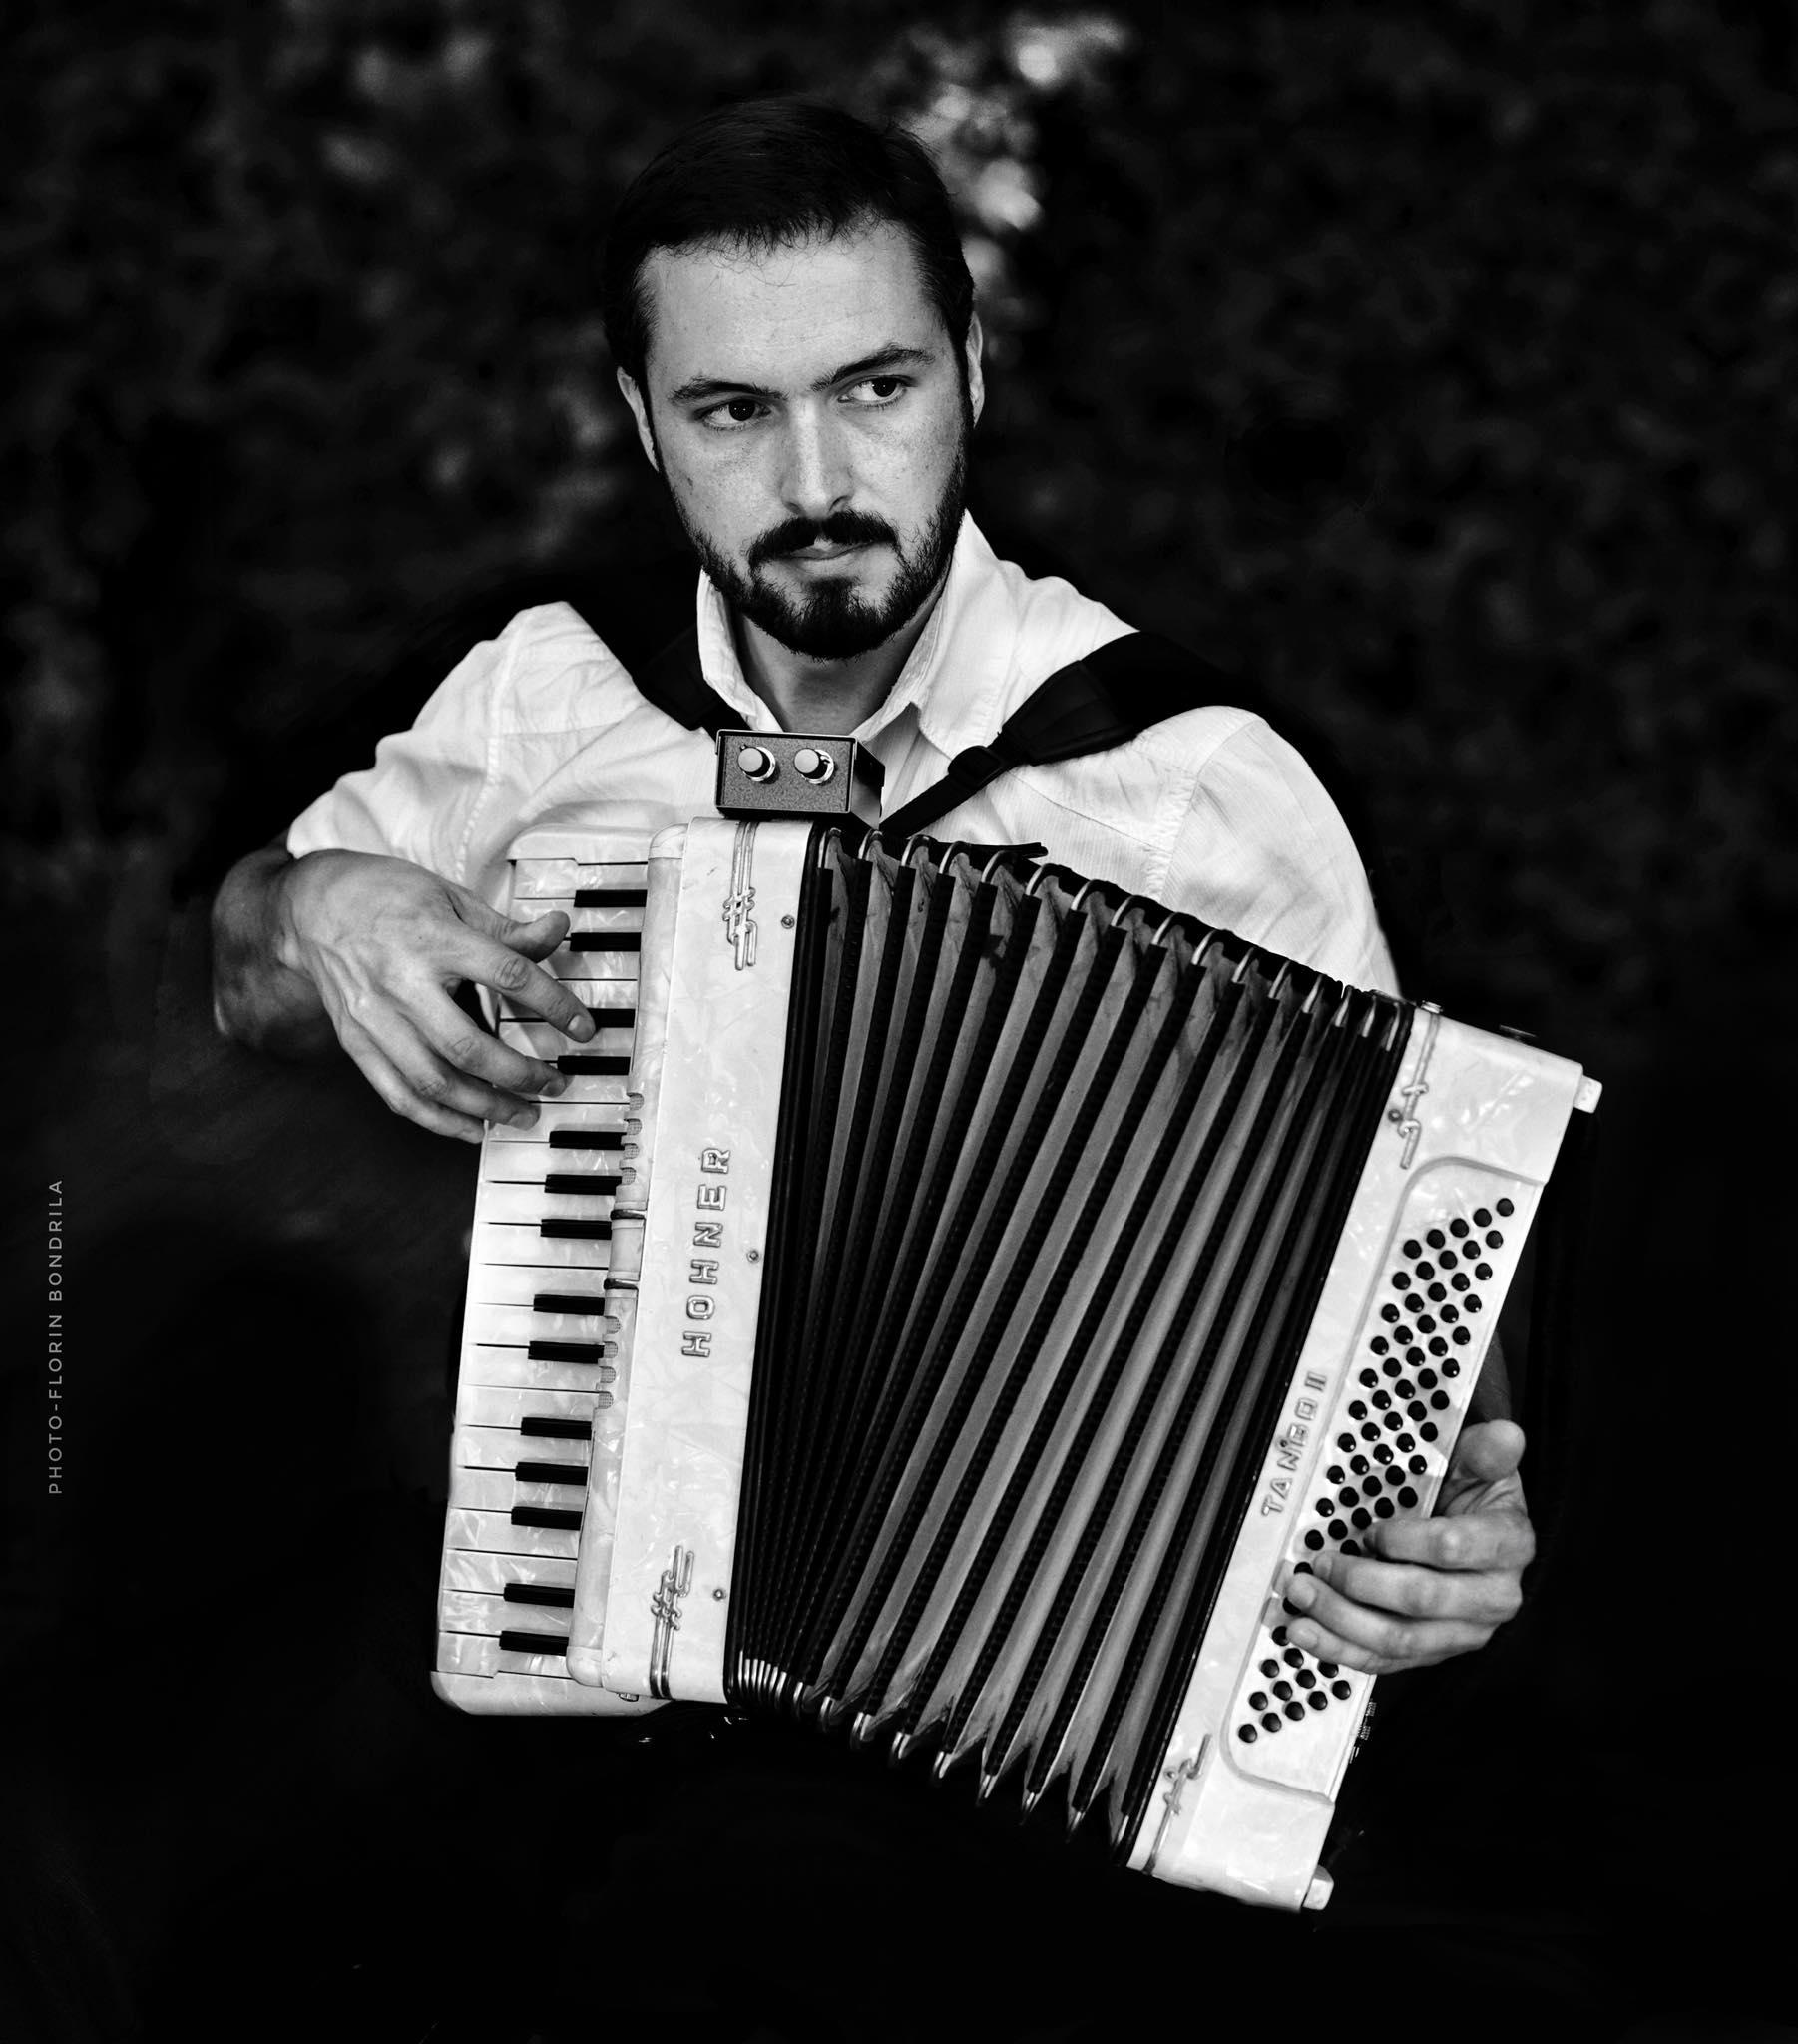 Shaun Williams la acordeon. Foto: Florin Bondrilă